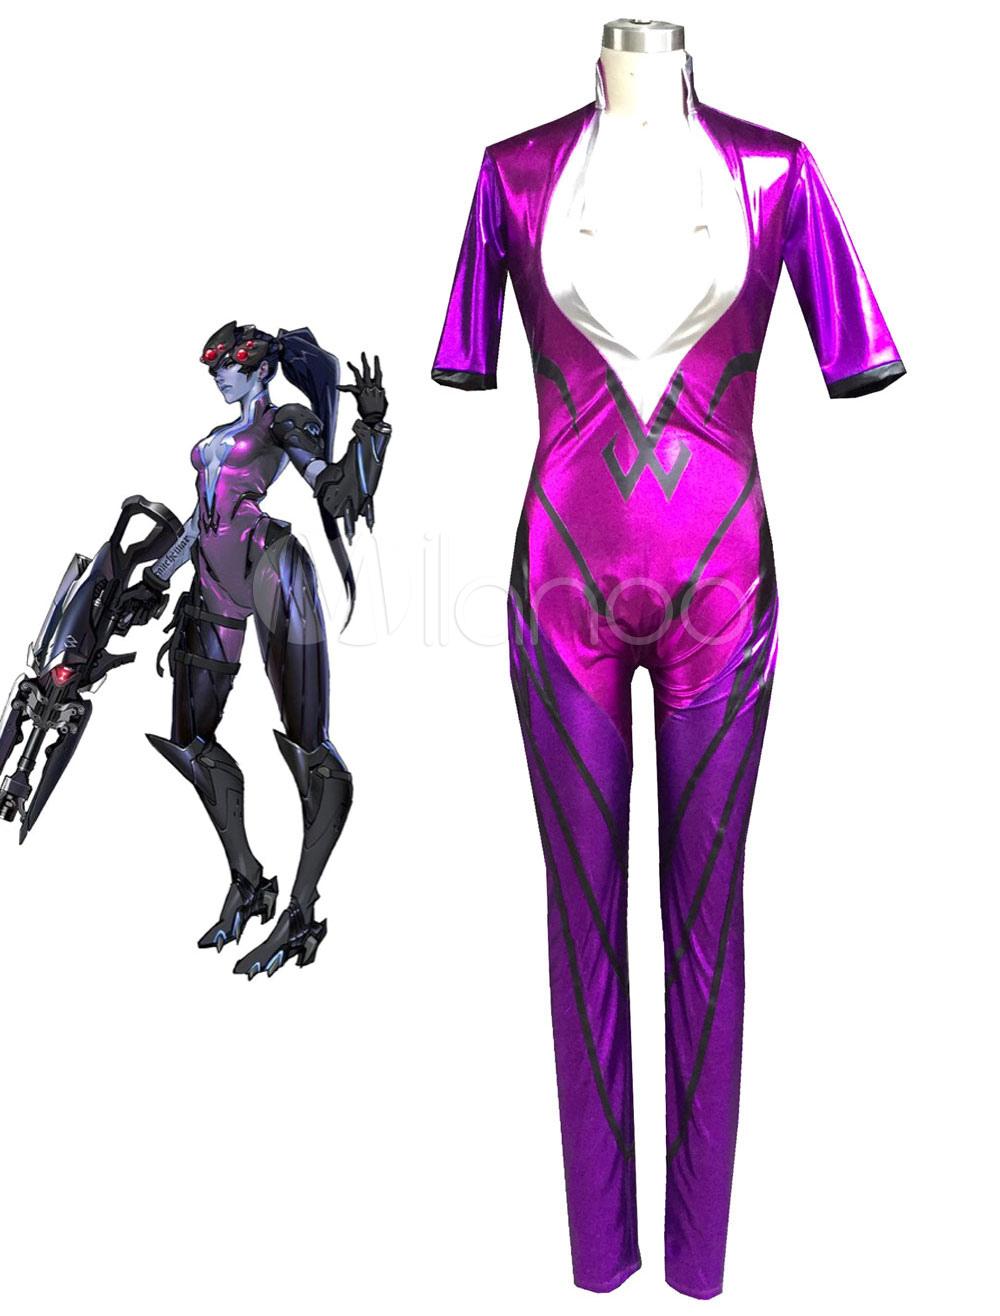 Overwatch OW Widowmaker Cosplay Costume  Halloween